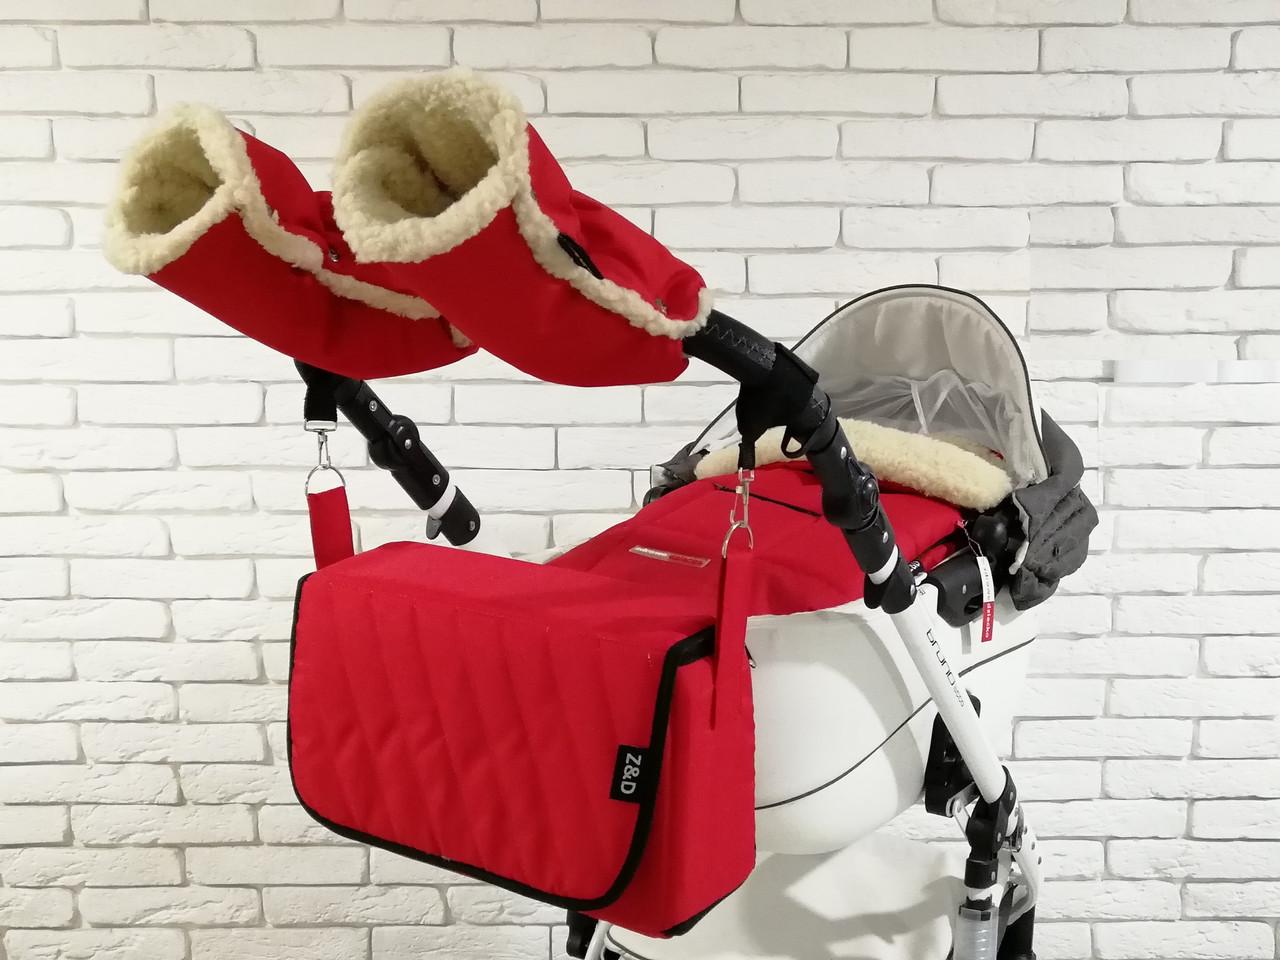 Комплект зимний Конверт, рукавички и сумка-пеленатор Z&D New (Красный)